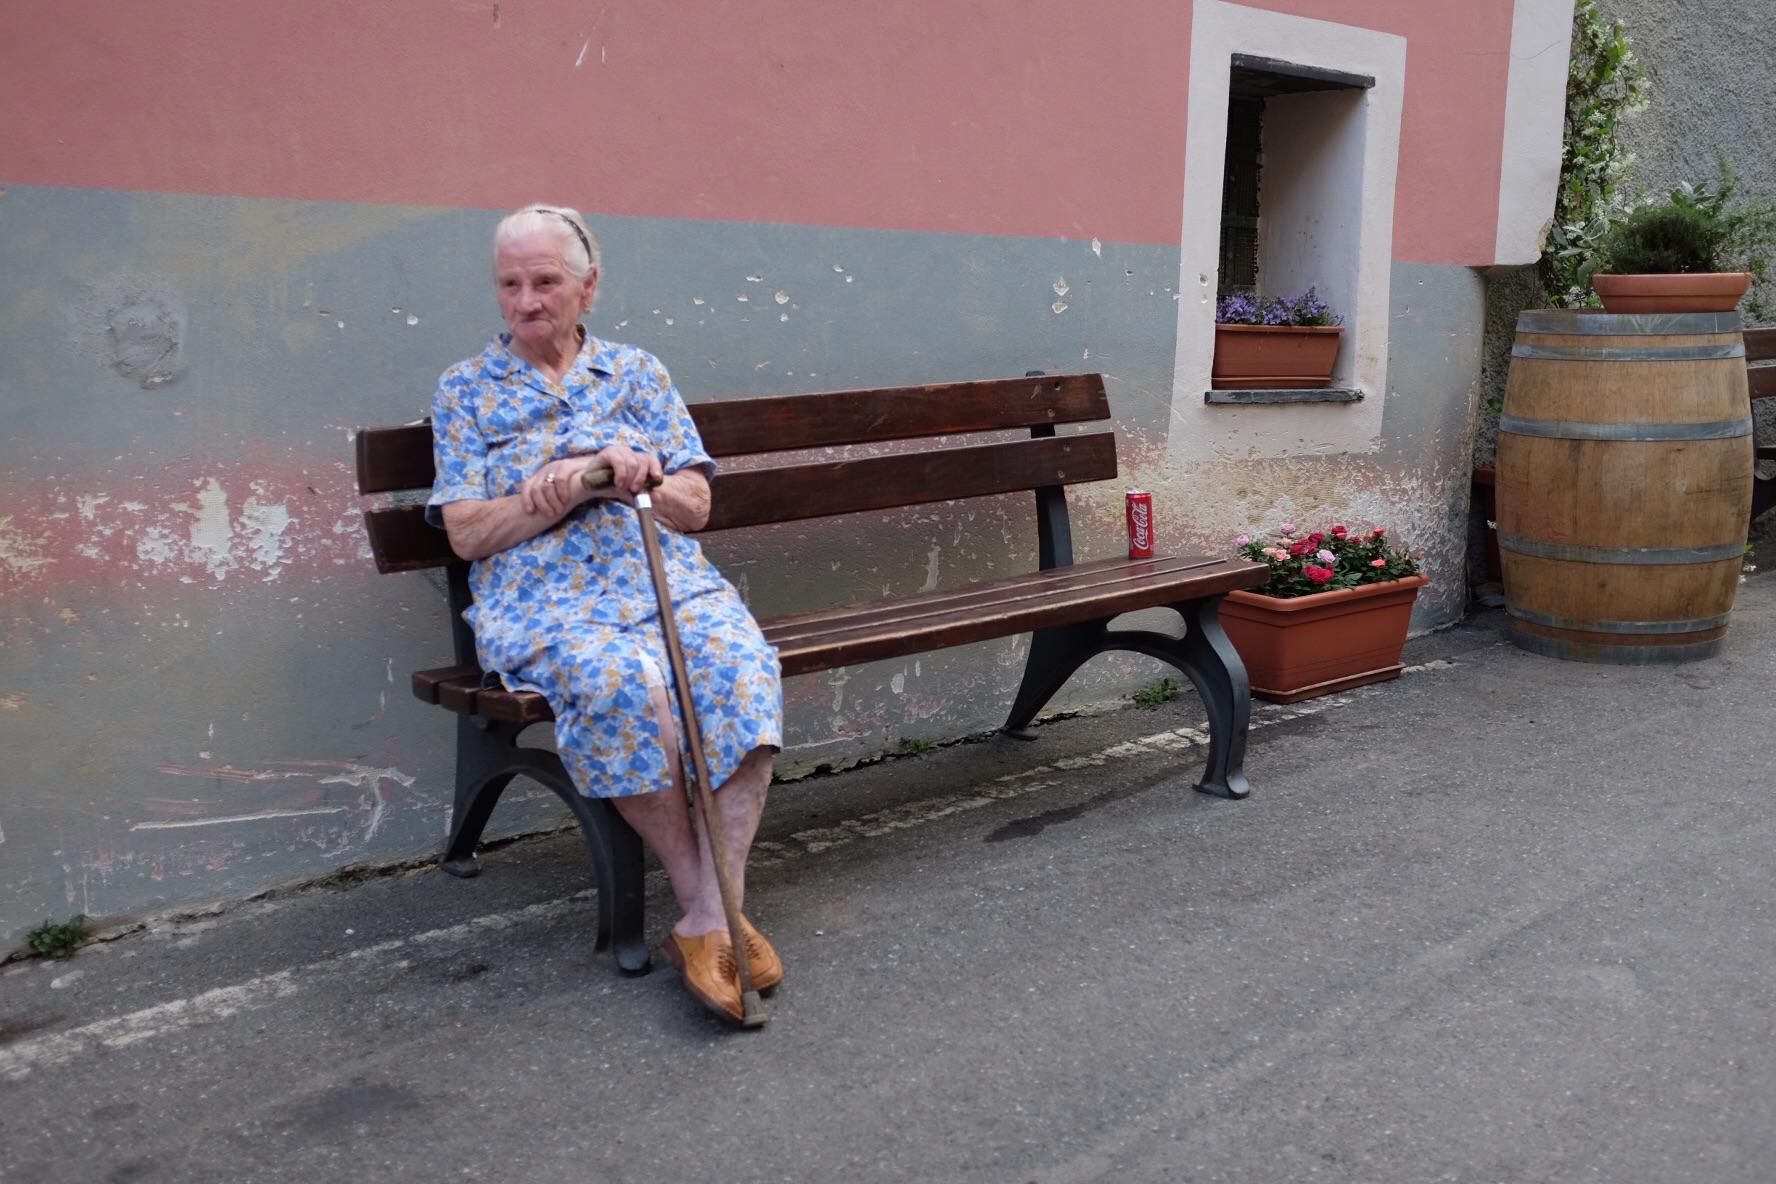 Monterosso resident